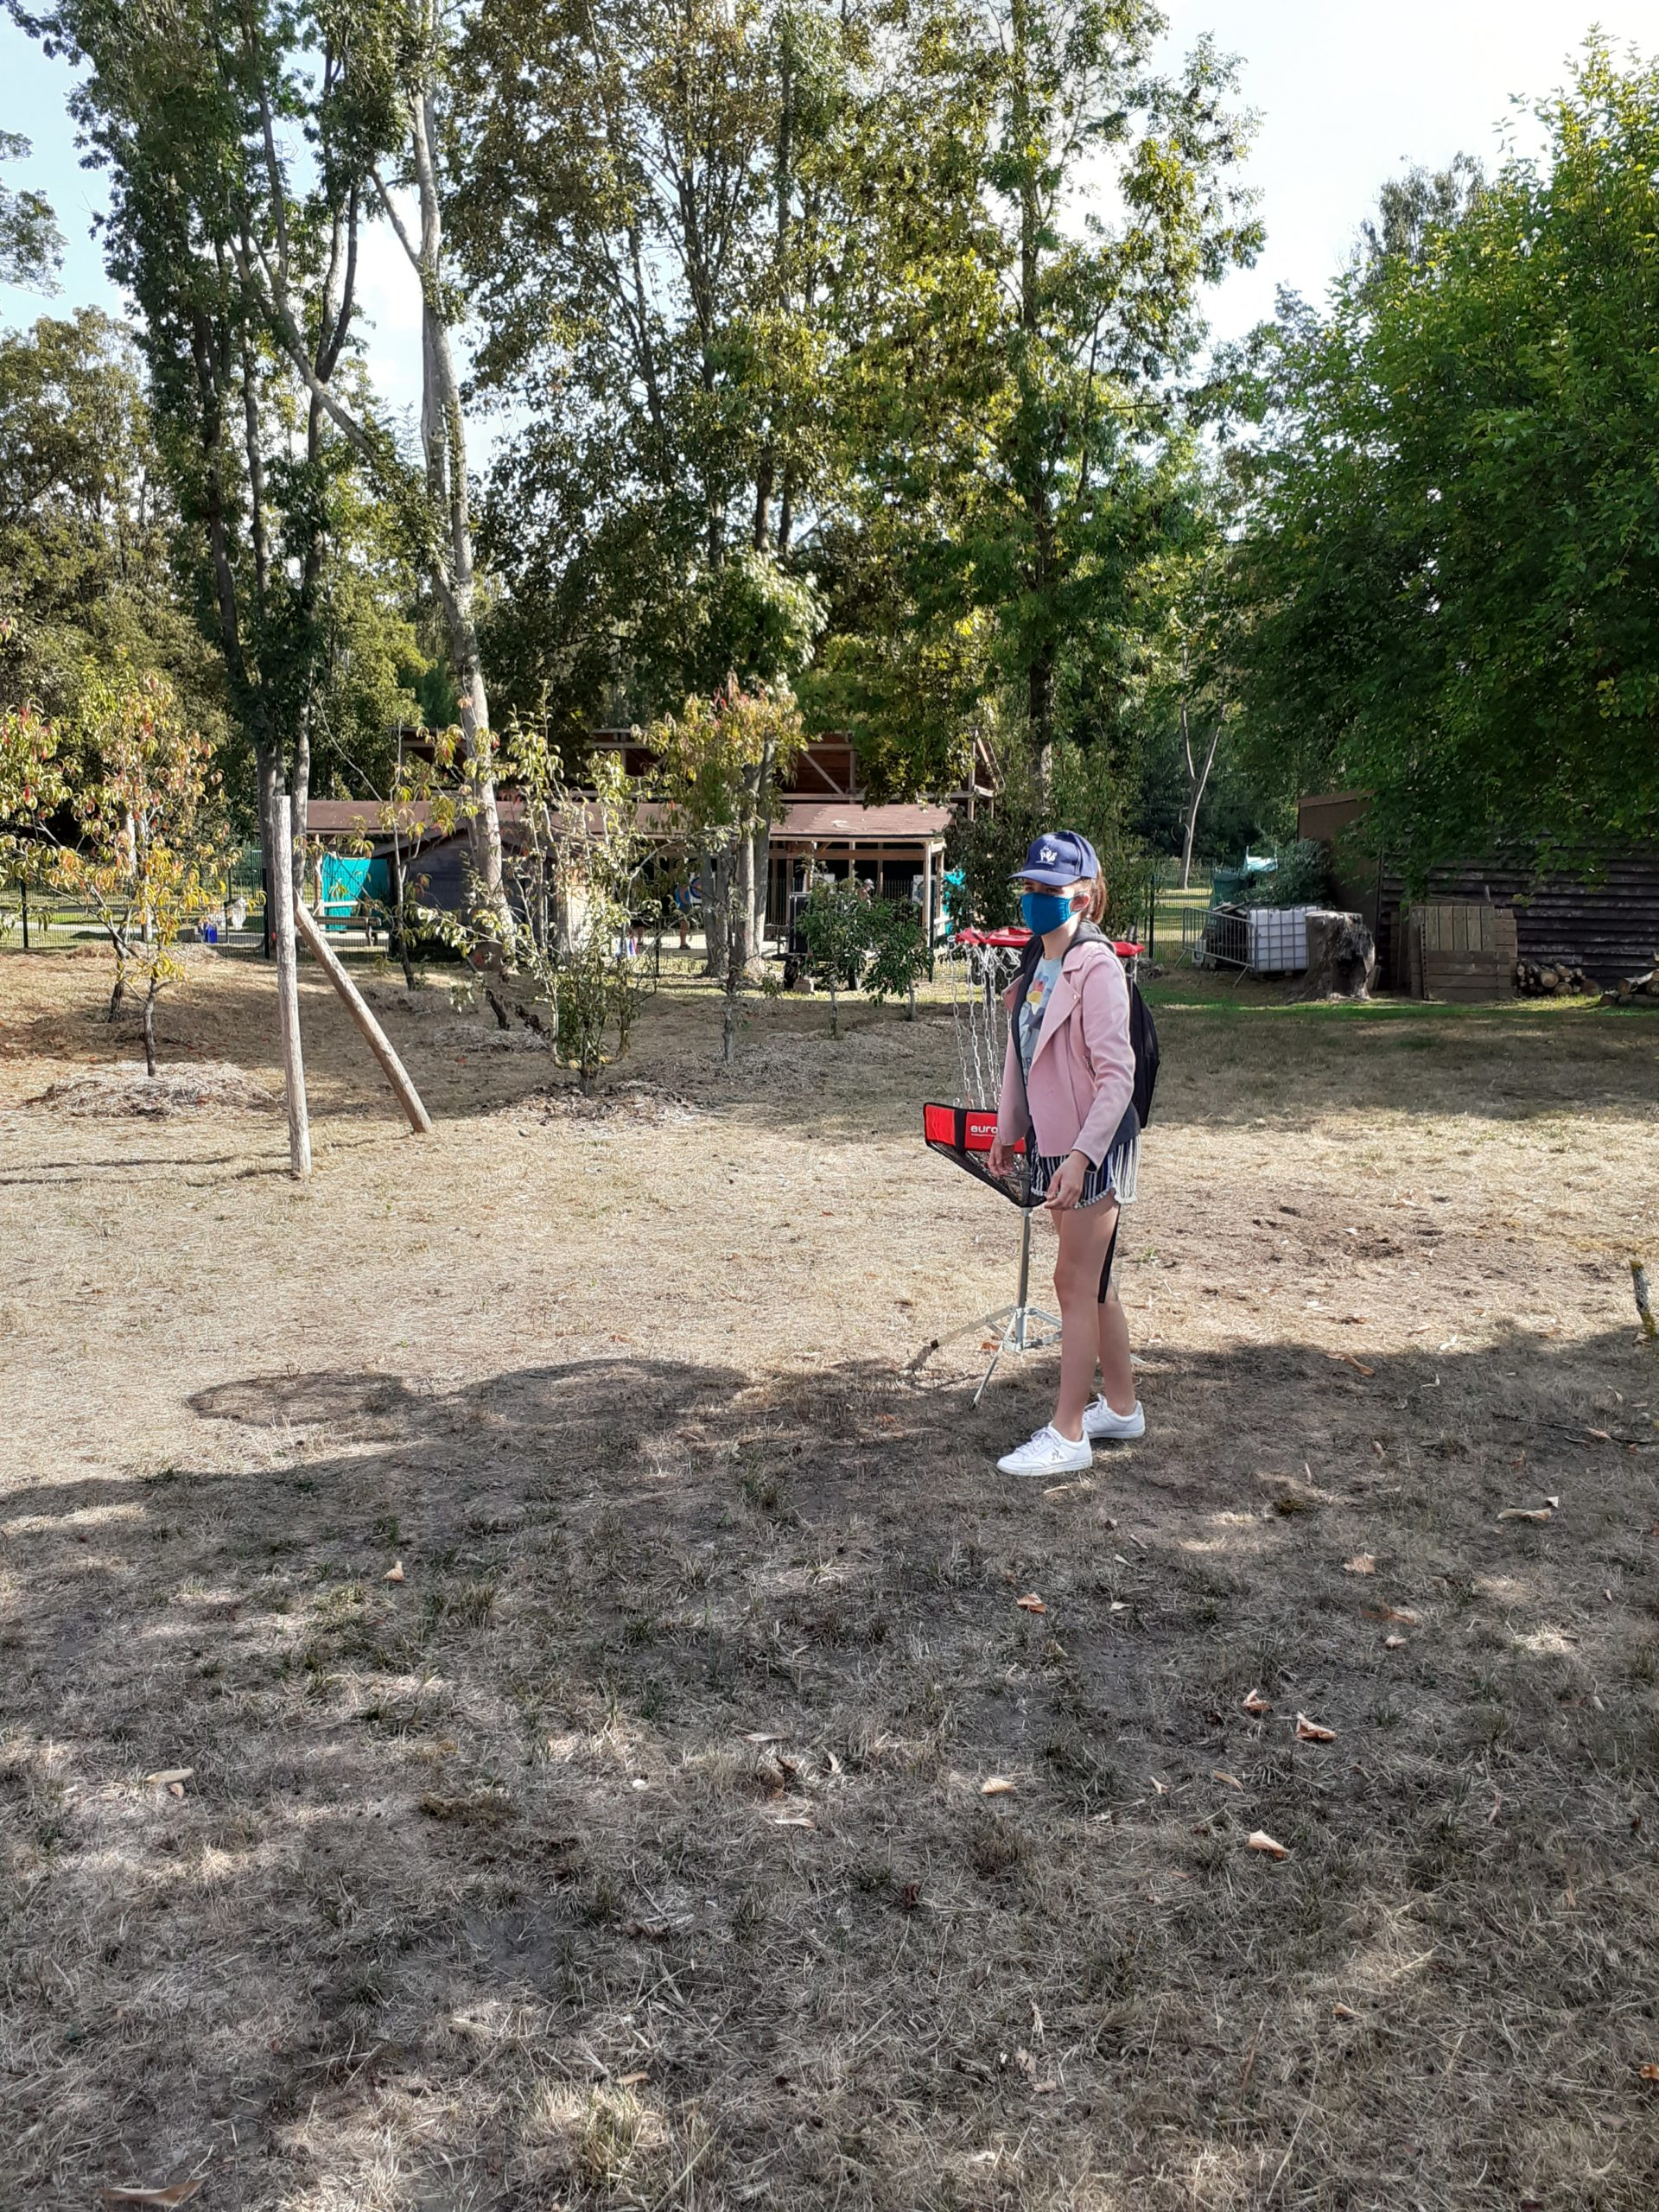 Une enfant devant un panier de king ball